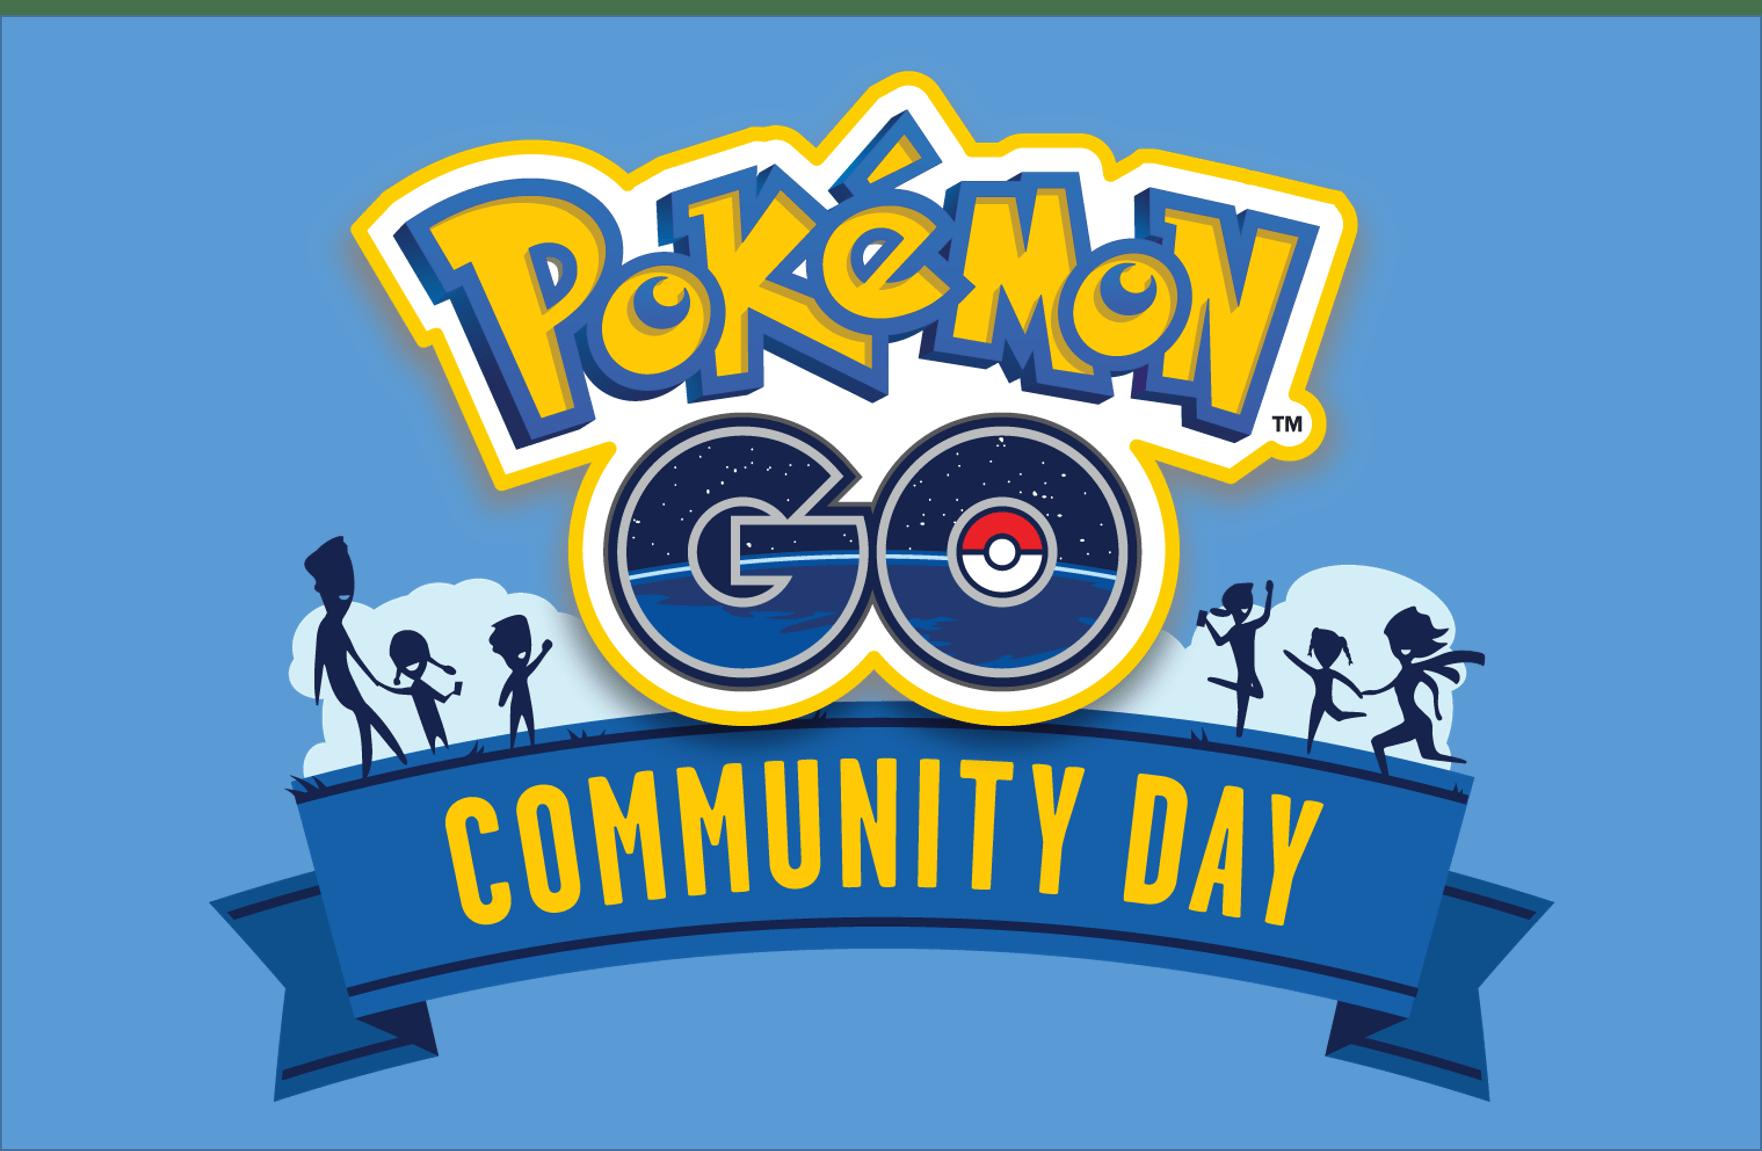 Un Día Especial,  Pokémon Go Community Day